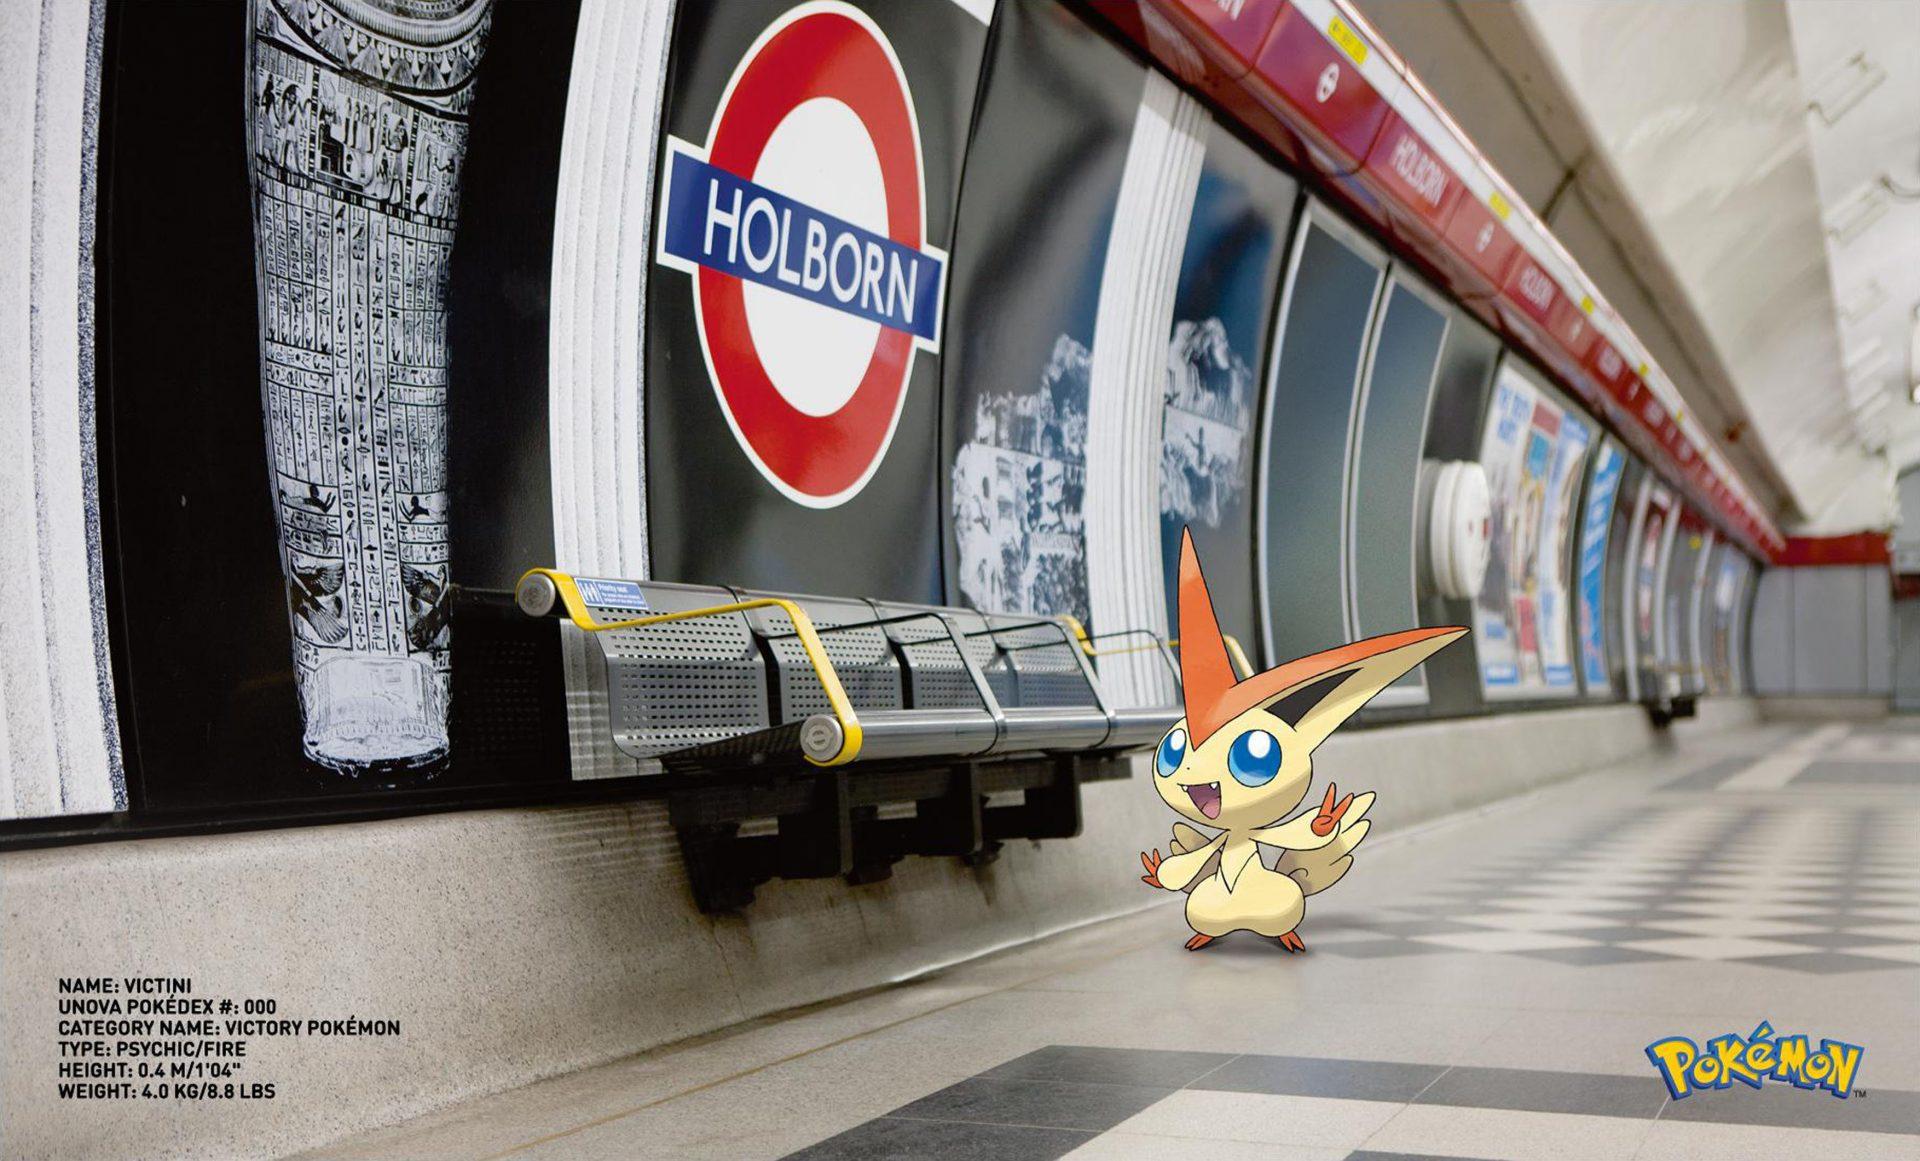 Holburn Tube Station underground Pokemon Go Victini Victory  Pokemon Dentsu London Rome Italy – Shaw and Shaw Photography photographer0